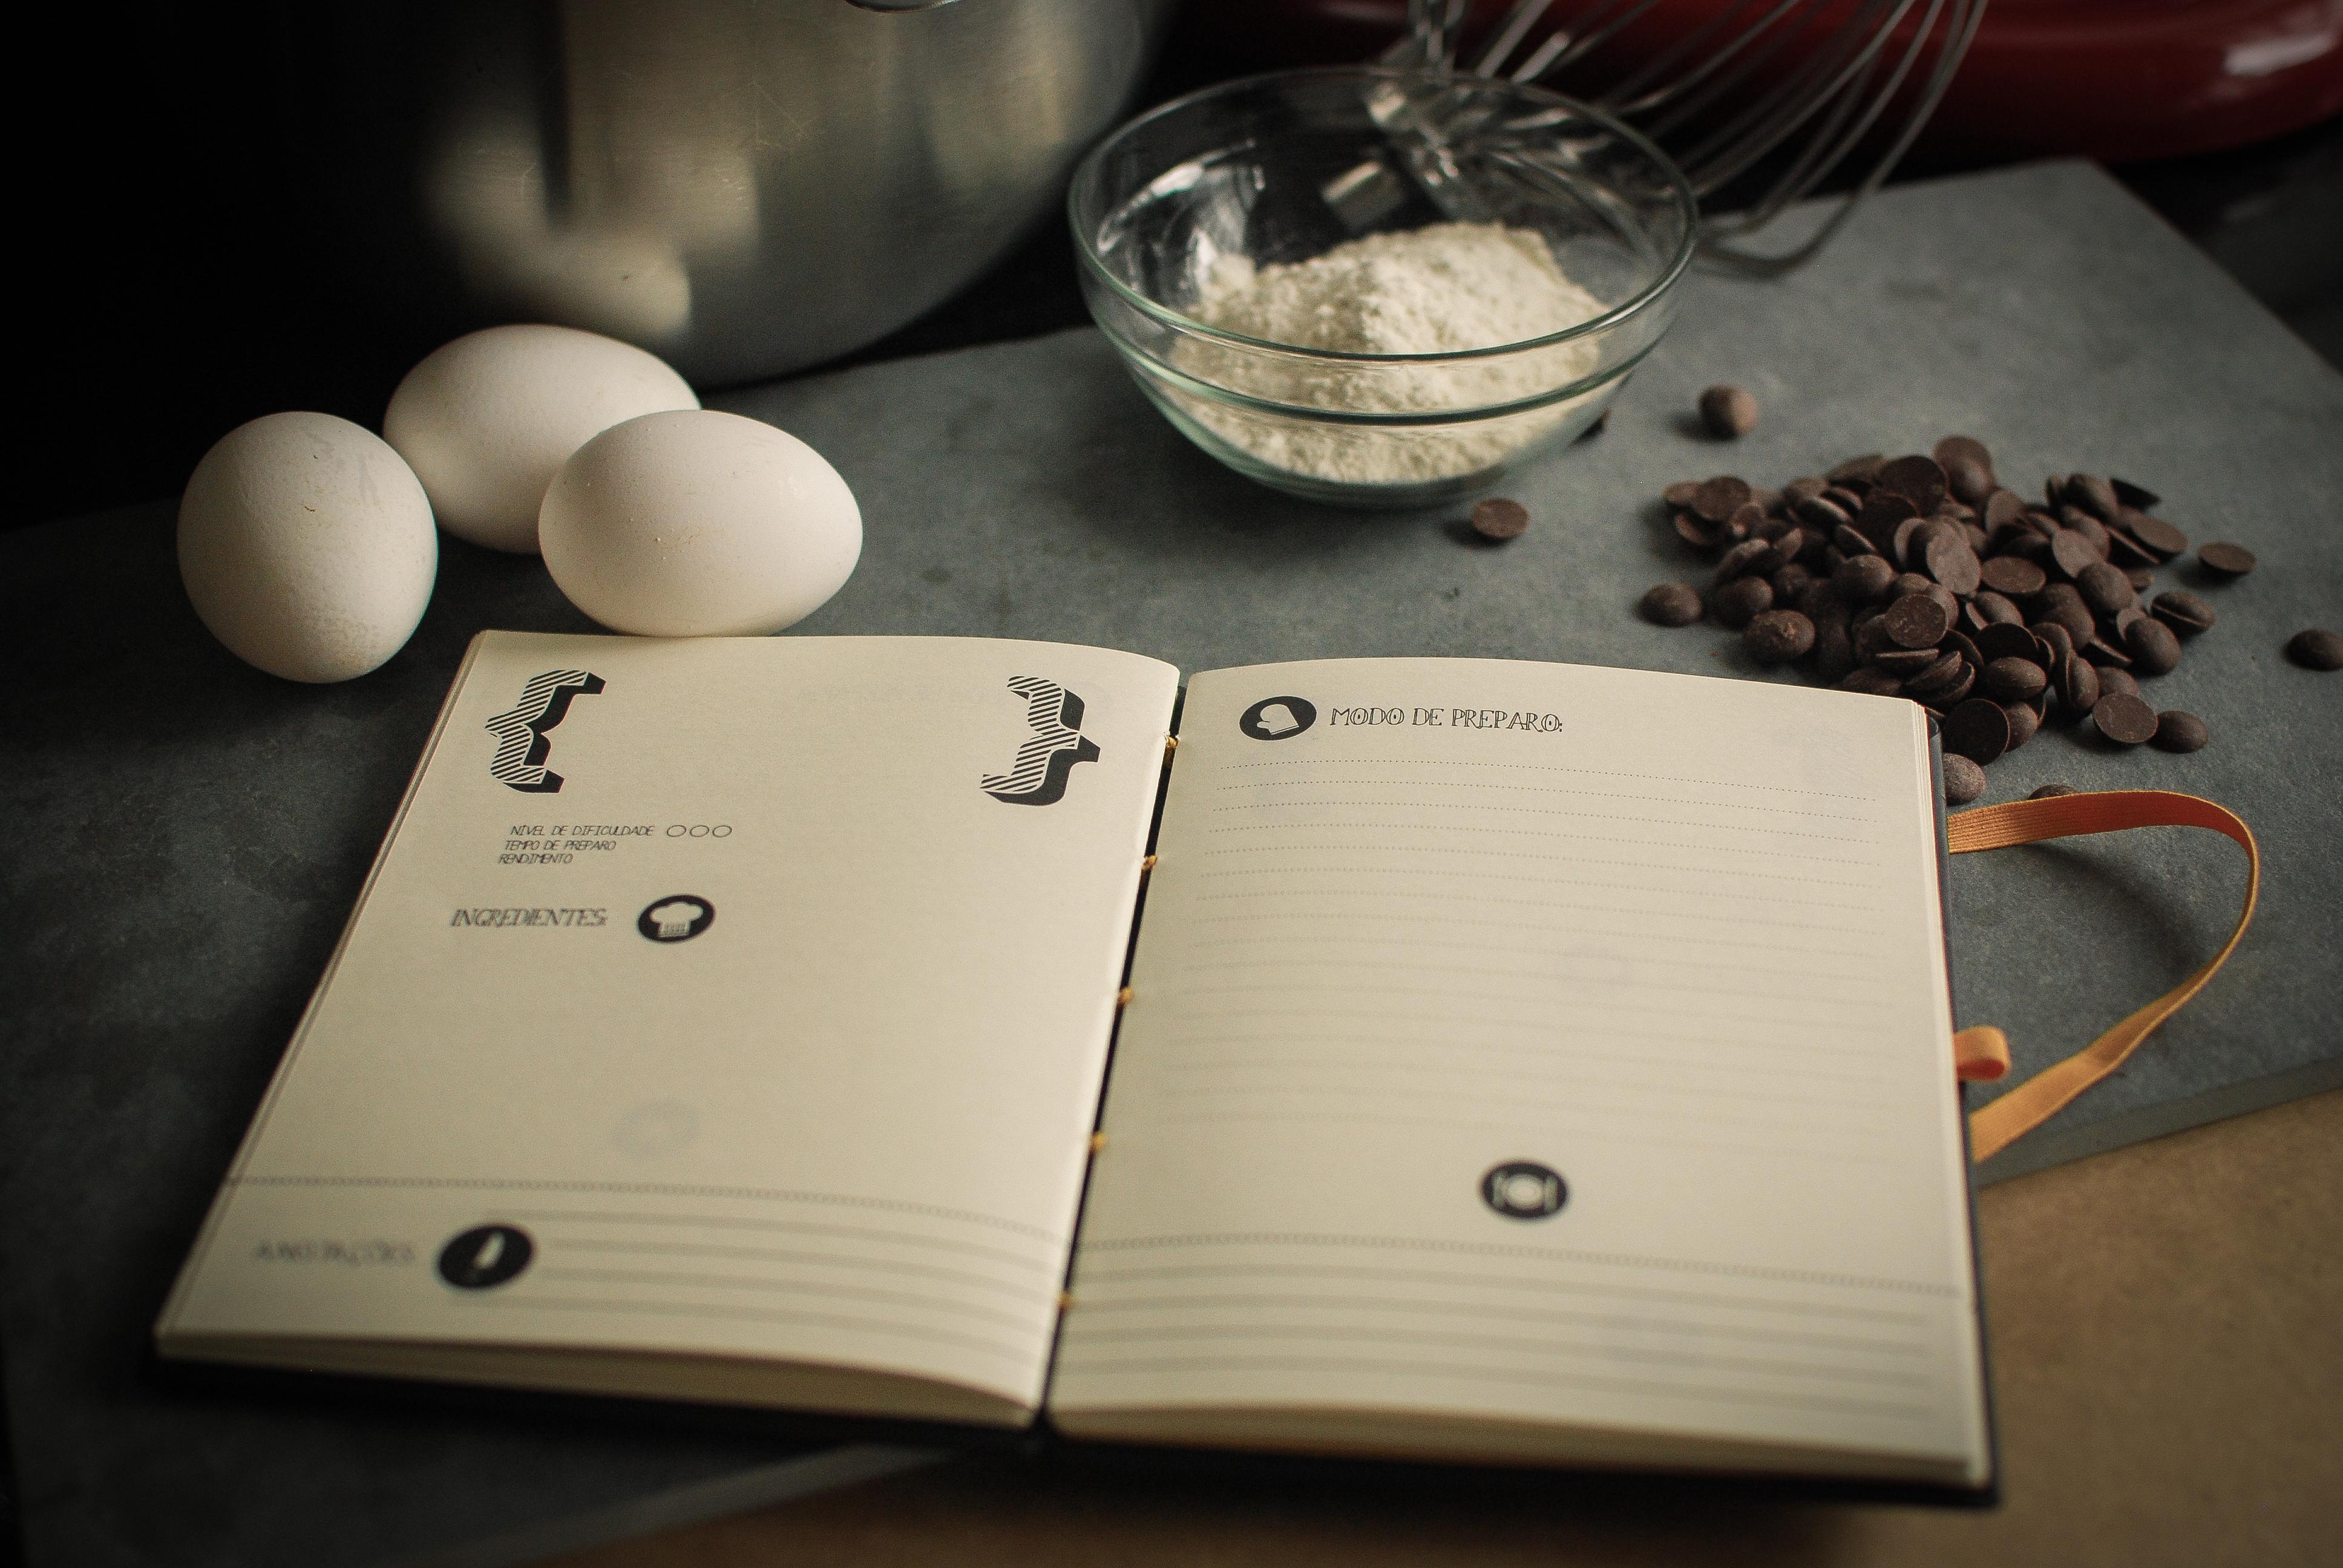 Detalhe caderno de receita